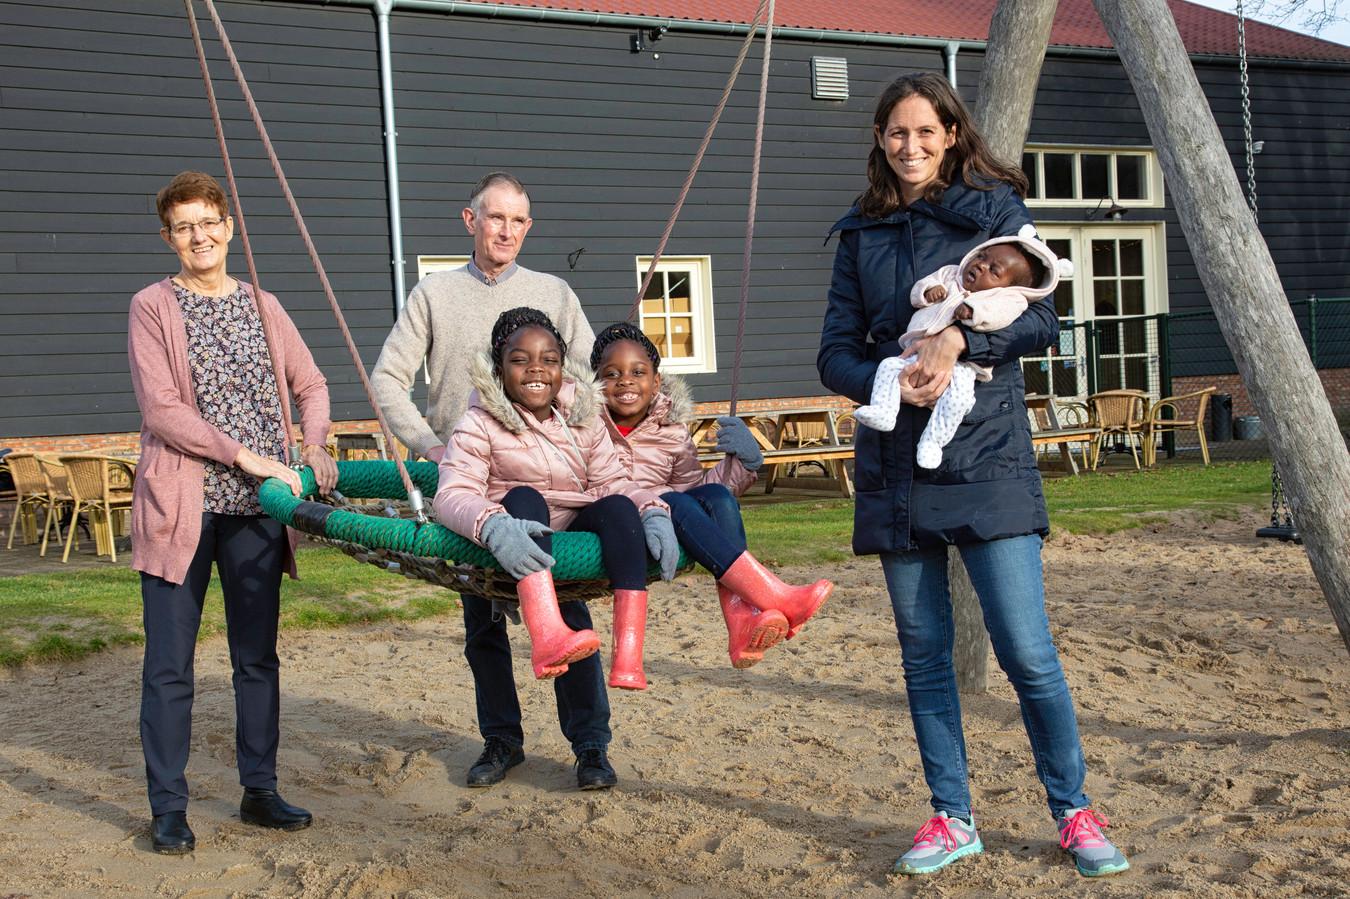 In december was Nicole van Elteren even in Nederland. Onder meer om Teleza in het ziekenhuis in Leiden te laten onderzoeken. Op de foto is ze met  haar ouders en twee oudste dochters Maria en Diana in Rucphen. Nicole houdt de kleine Teleza, die destijds op een toeristenvisum reisde, in haar armen.